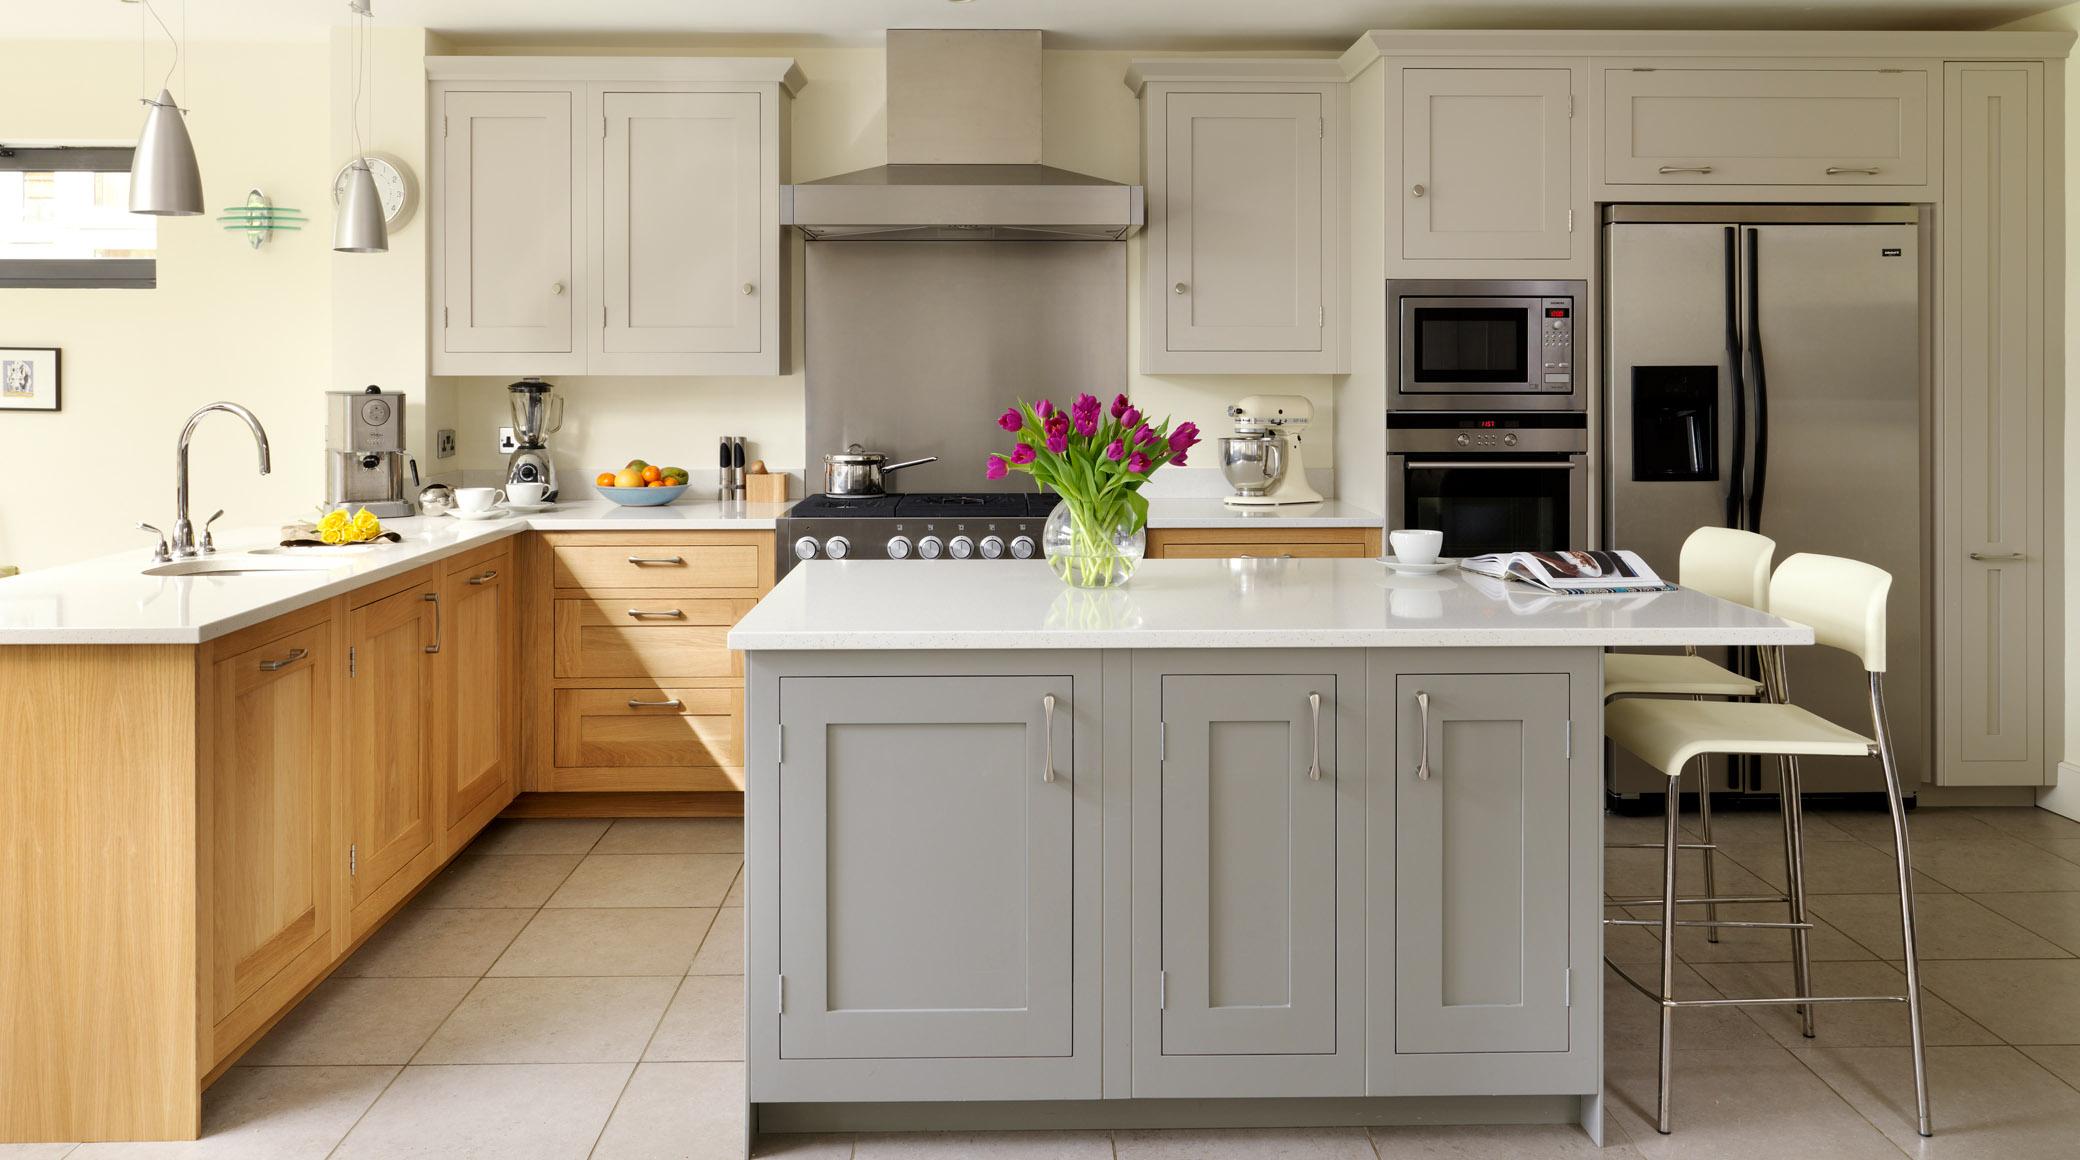 Küchenideen für weiße schränke shaker küche designs die küche ist komplett mit möbeln gemeinsamen